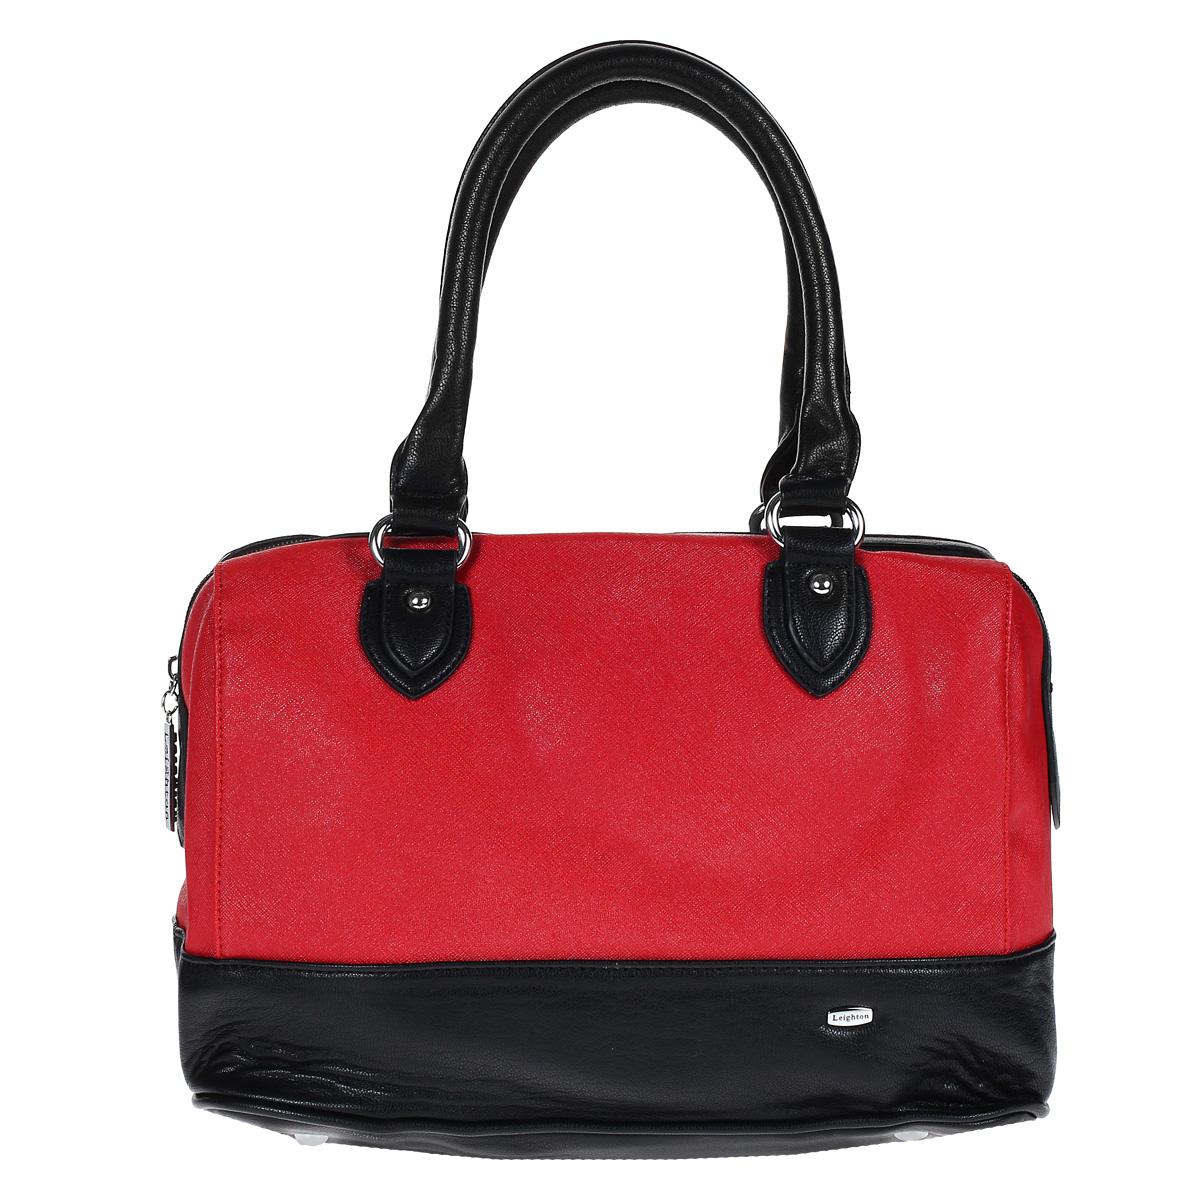 Сумка женская Leighton, цвет: красный, черный. 61044-3769/16/339/110130-11Стильная женская сумка Leighton выполнена из искусственной кожи и оформлена фактурным тиснением, металлической пластиной с названием бренда на лицевой стороне. Сумка имеет одно основное отделение, которое закрывается на застежку-молнию. Внутри - открытый карман с отделением на молнии, вшитый карман на молнии и два накладных кармашка для телефона и мелких бумаг. С задней стороны расположен дополнительный вшитый карман на молнии. Сумка оснащена двумя удобными ручками на металлических кольцах и отстегивающимся плечевым ремнем регулируемой длины. Фурнитура - серебристого цвета. На дне имеется 4 металлические ножки.Стильная сумка Leighton станет финальным штрихом в создании вашего неповторимого образа.Женская сумочка Leighton - это воплощение элегантности и шика. Высококачественные материалы, чистота линий, как выбор стиля, идут об руку с модными тенденциями. Обладательницей данной коллекции может быть только сильная и независимая женщина, бросающая вызов обыденности.